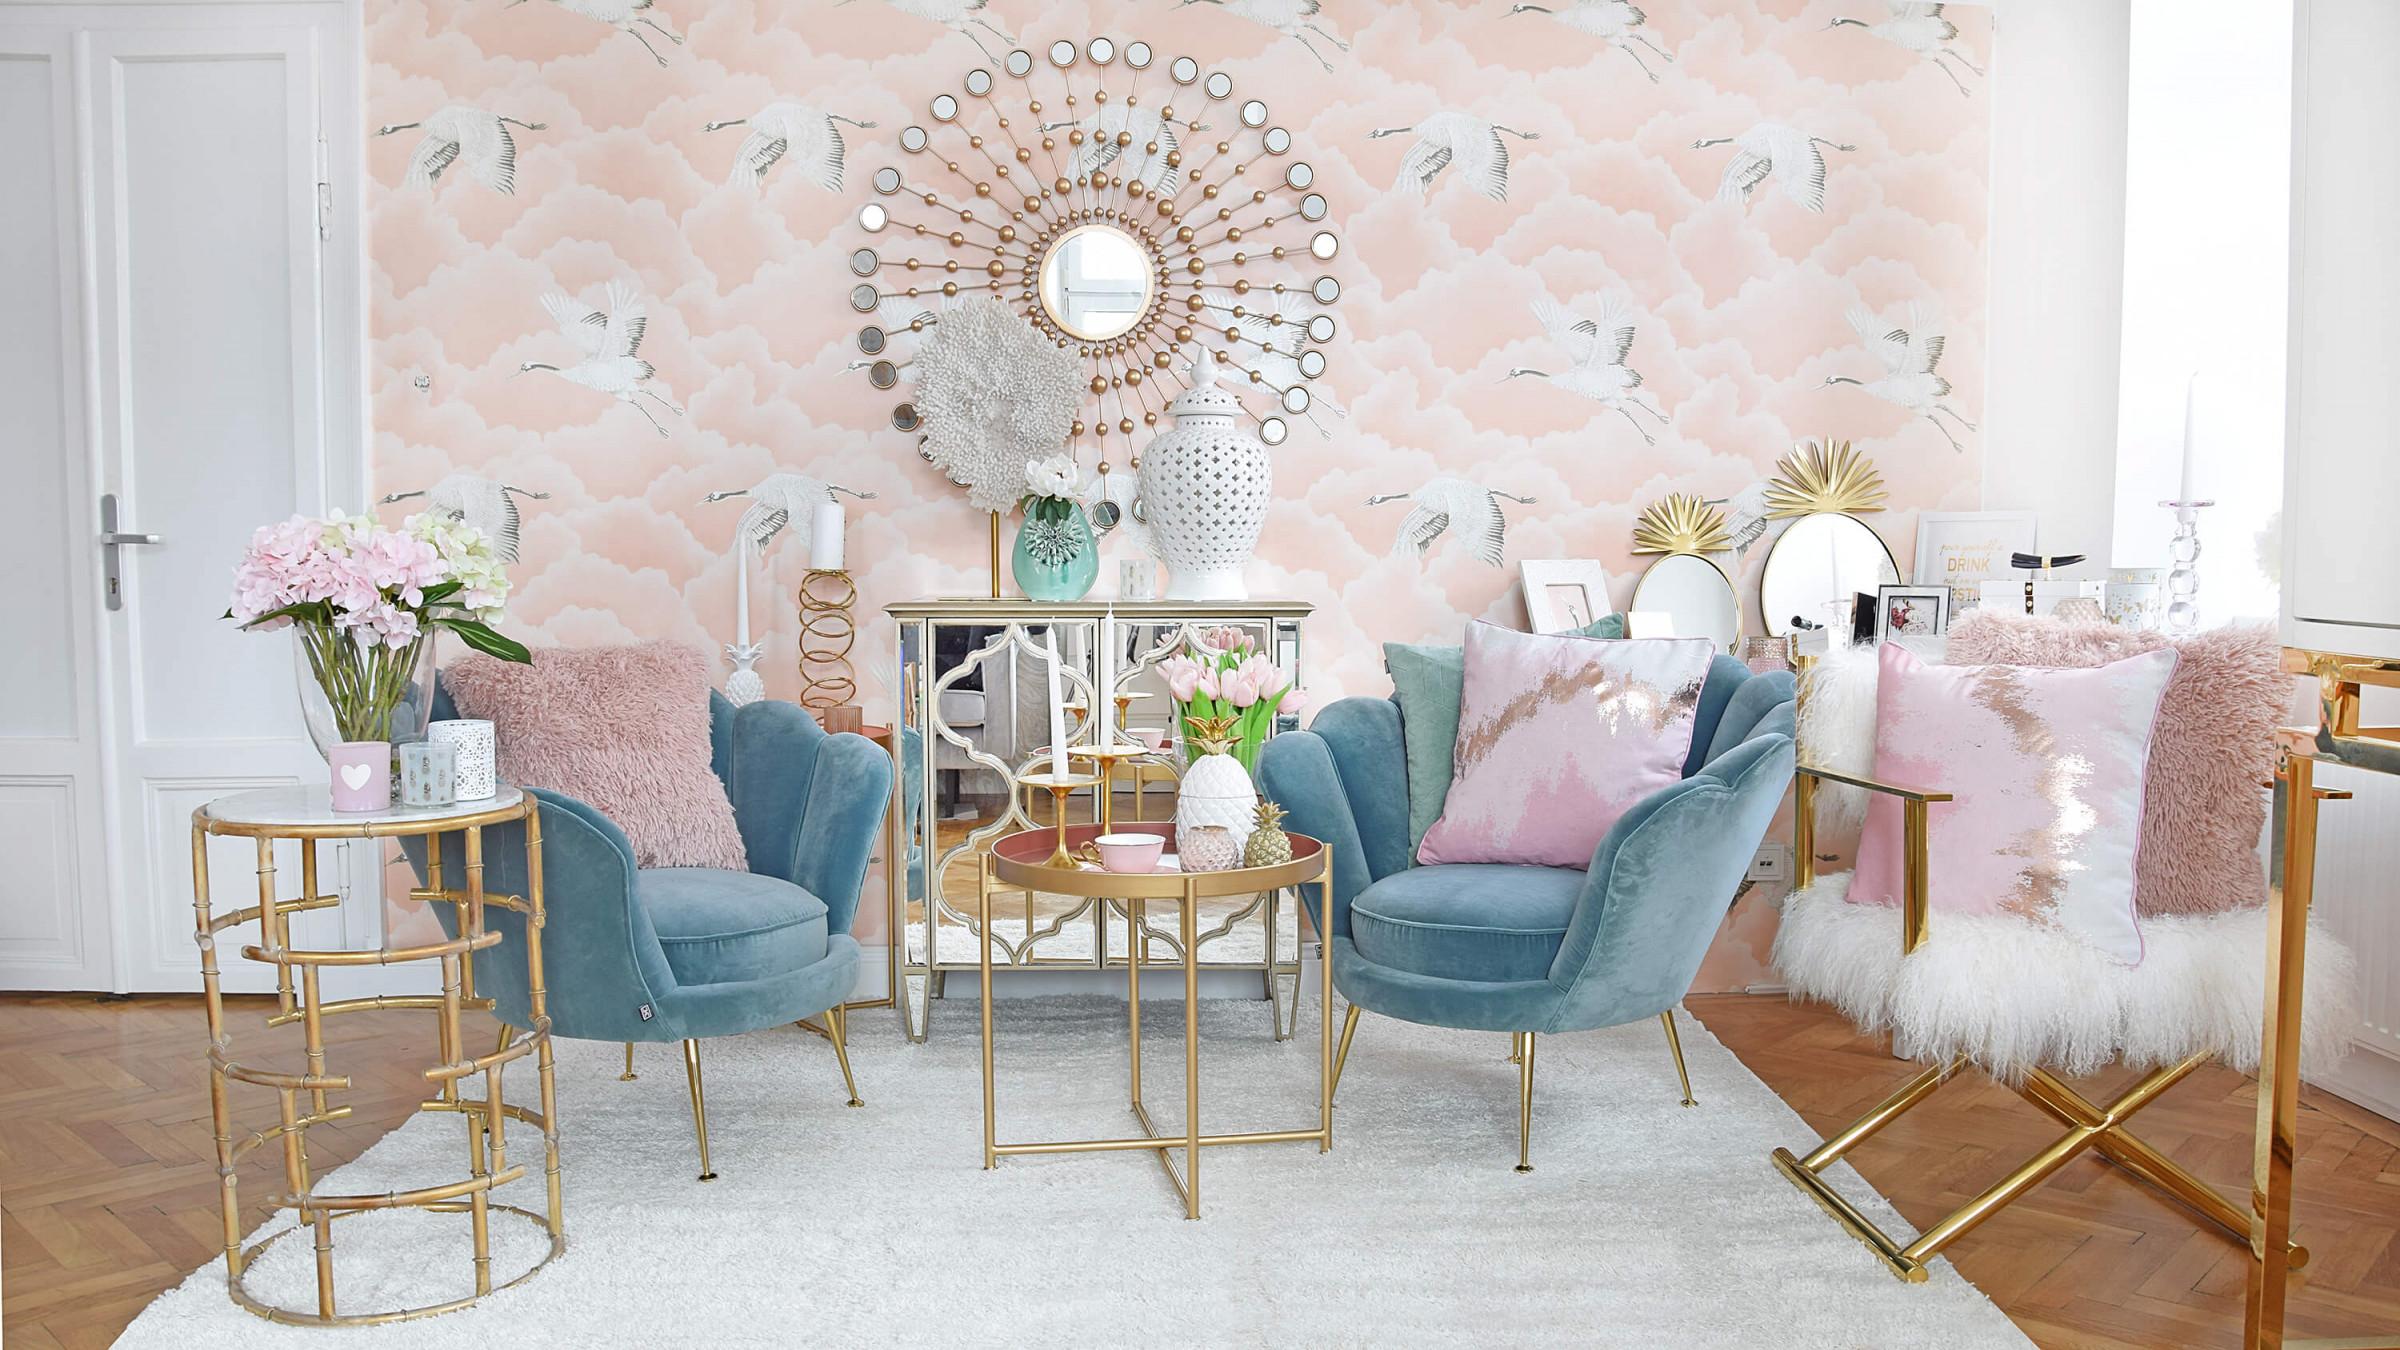 Mermaid Dreams  Wohnzimmerlounge In Rosa  Türkisblau  Looks von Goldene Deko Wohnzimmer Bild